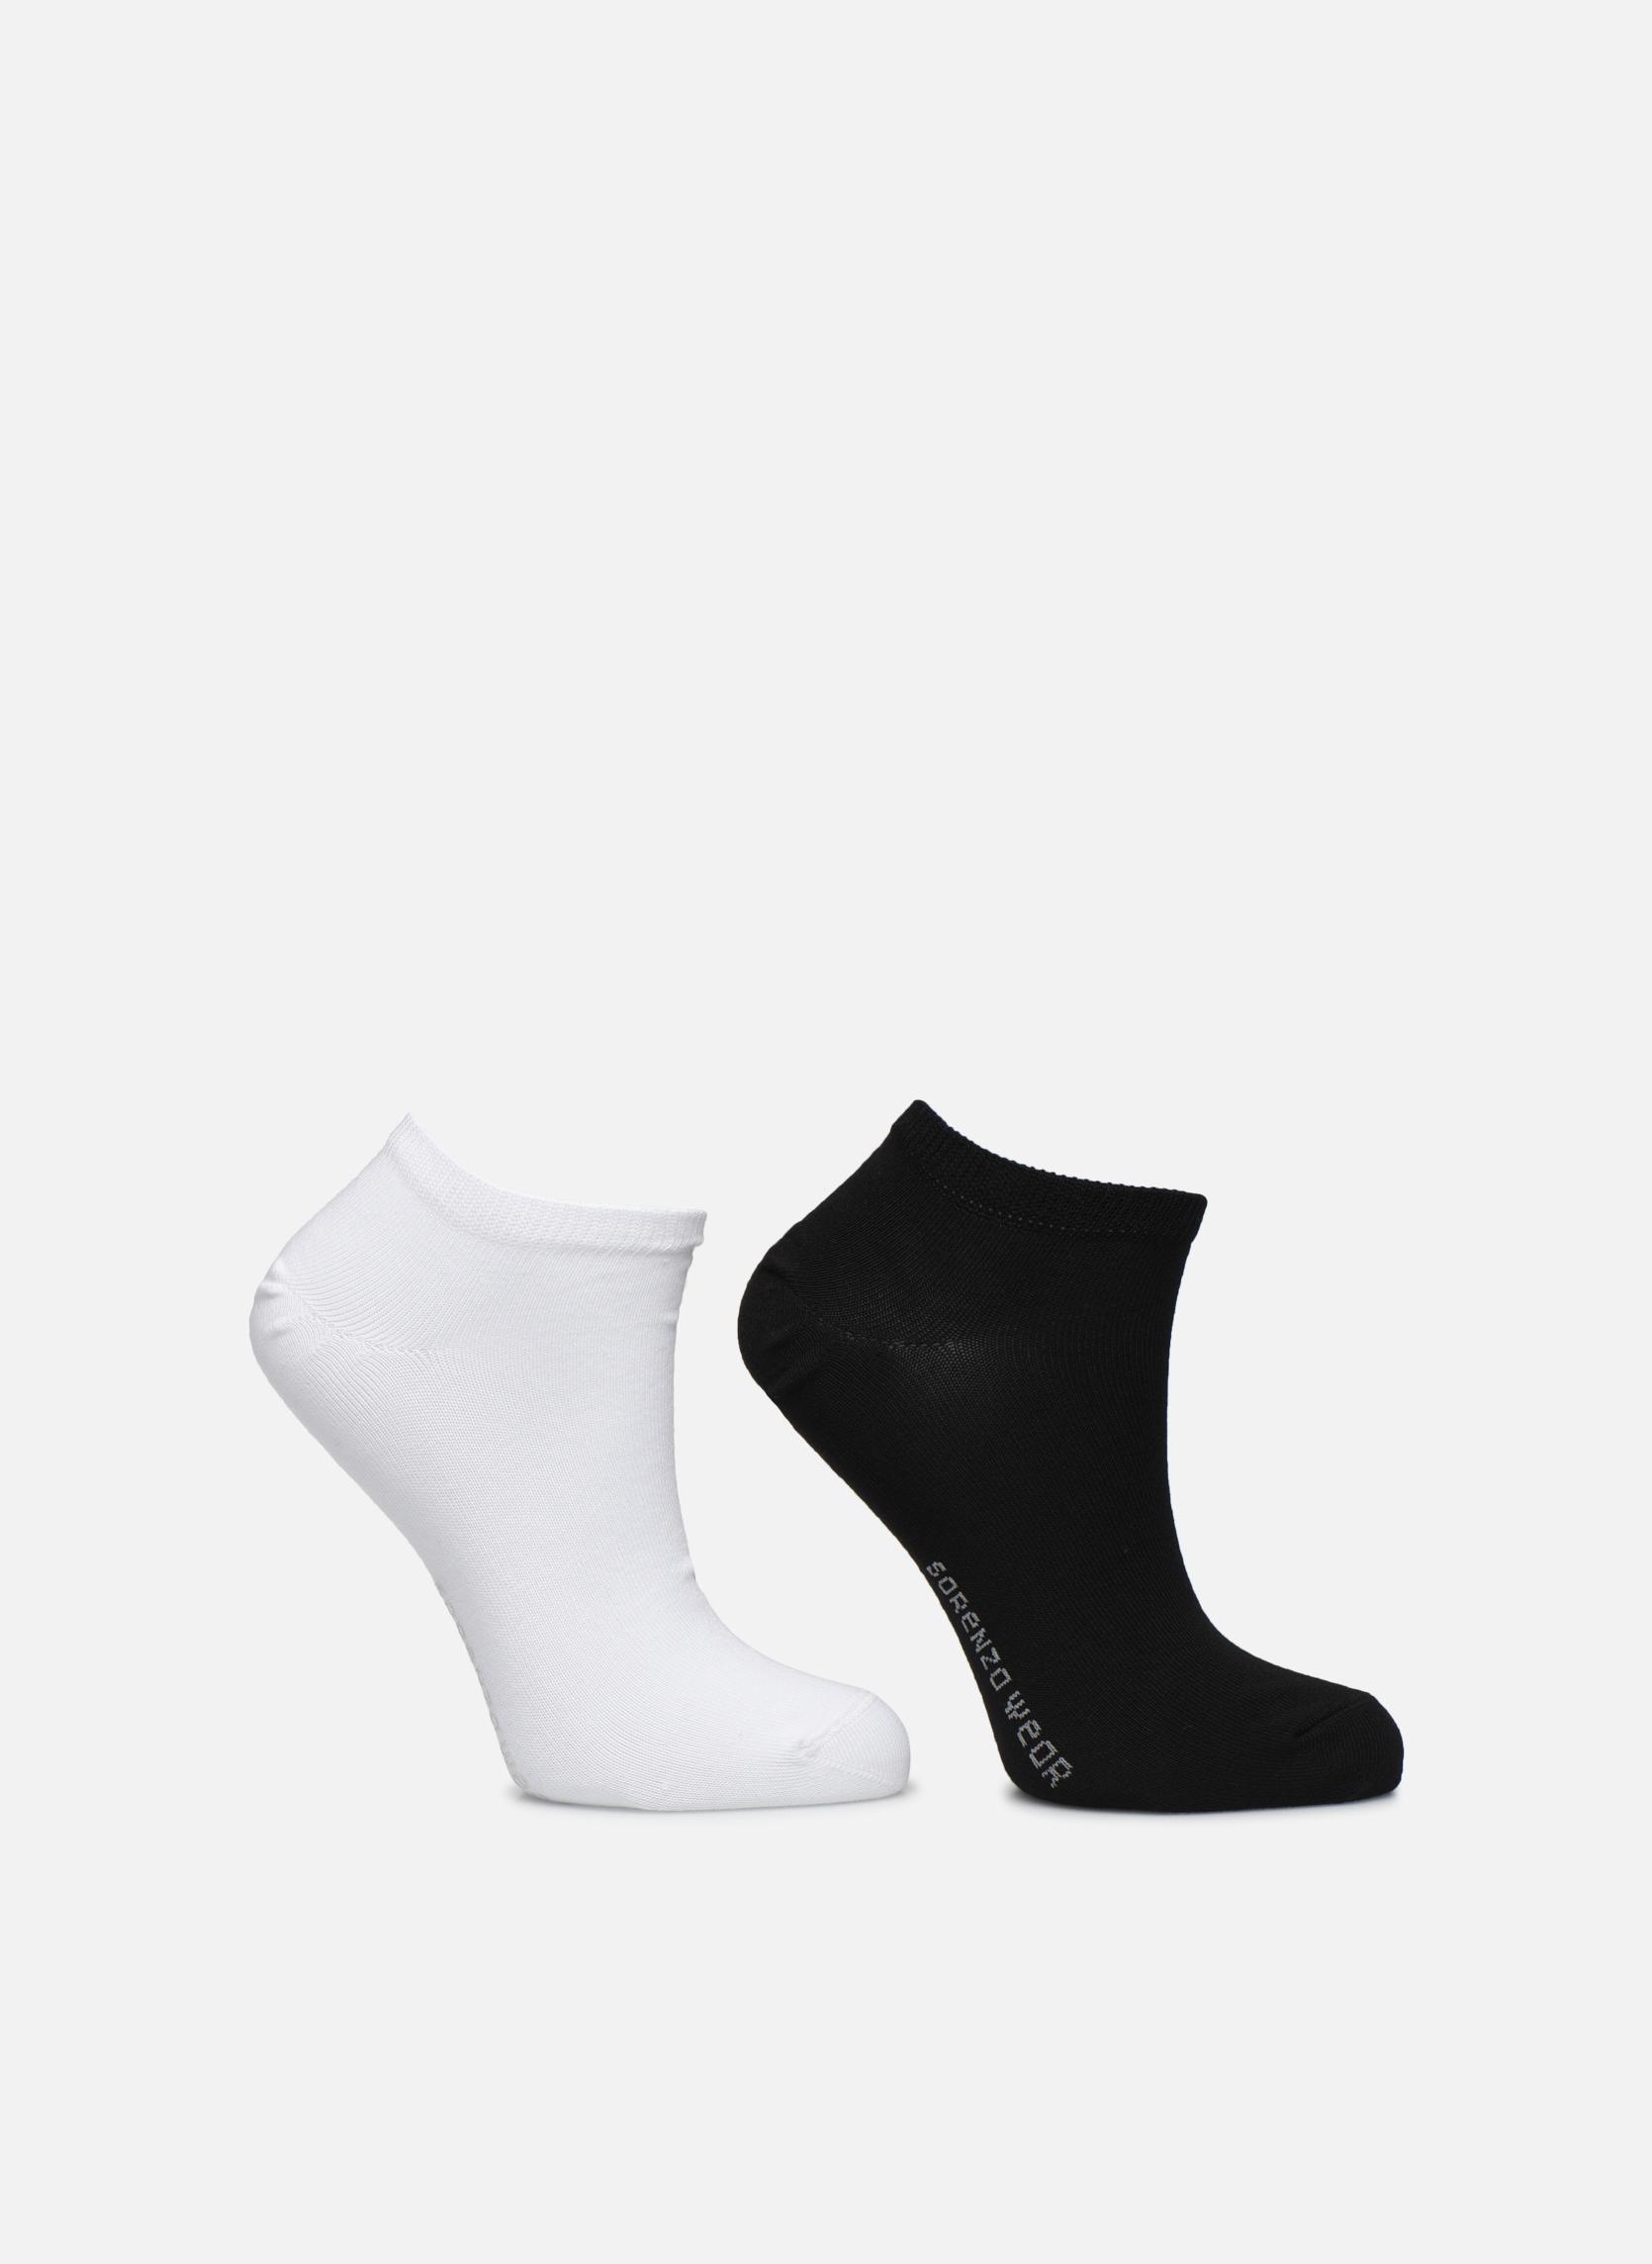 Chaussettes invisibles Femme unies Pack de 2 Coton Noir/blanc